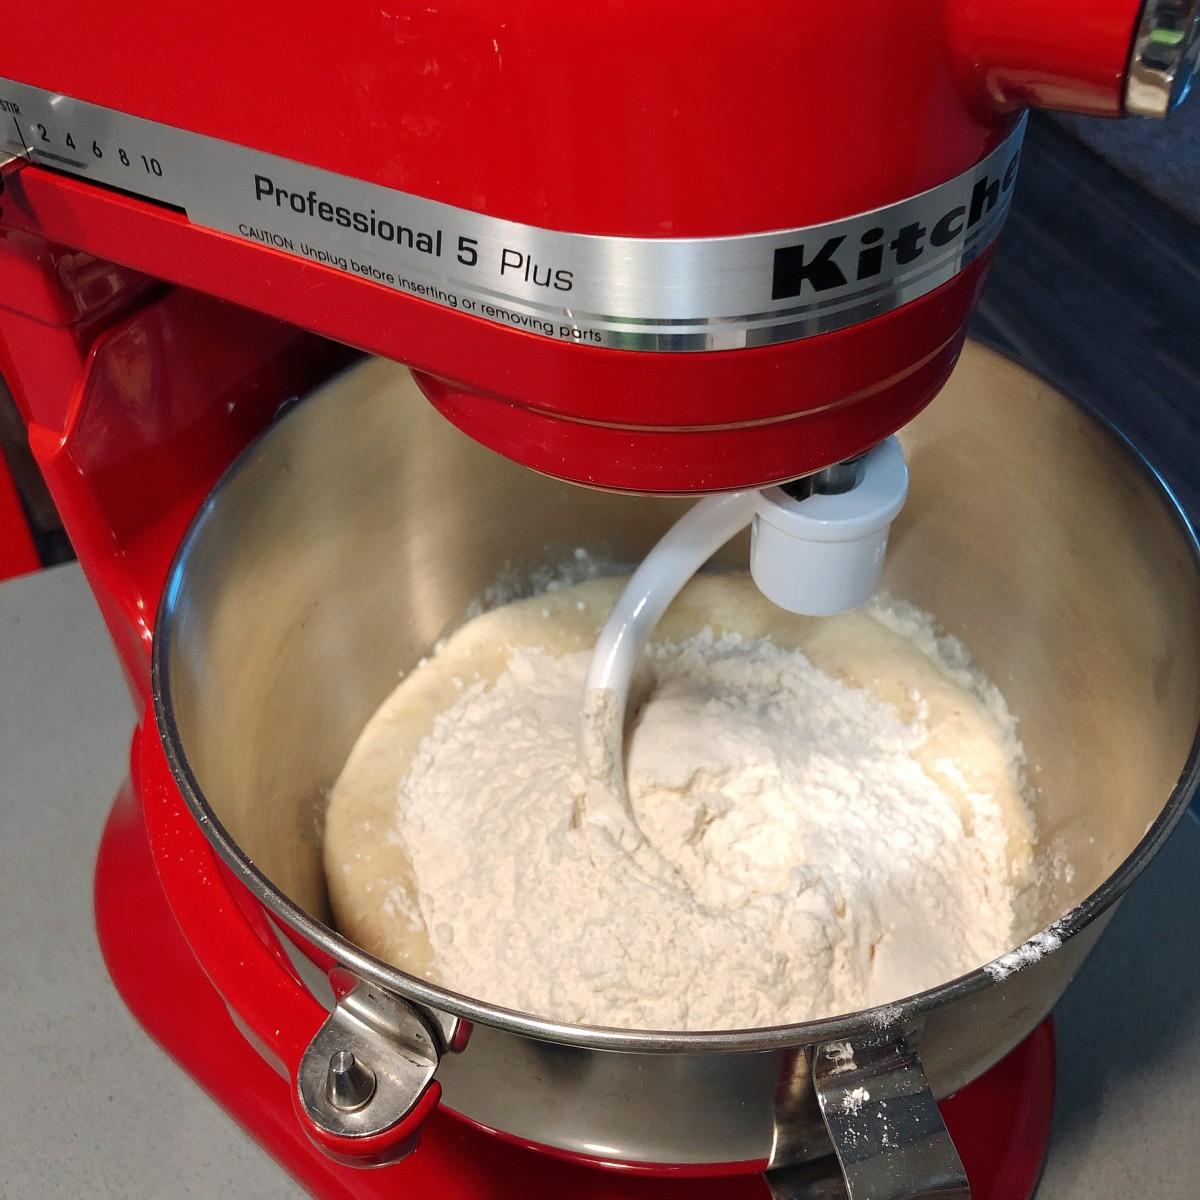 Combine the ingredients.